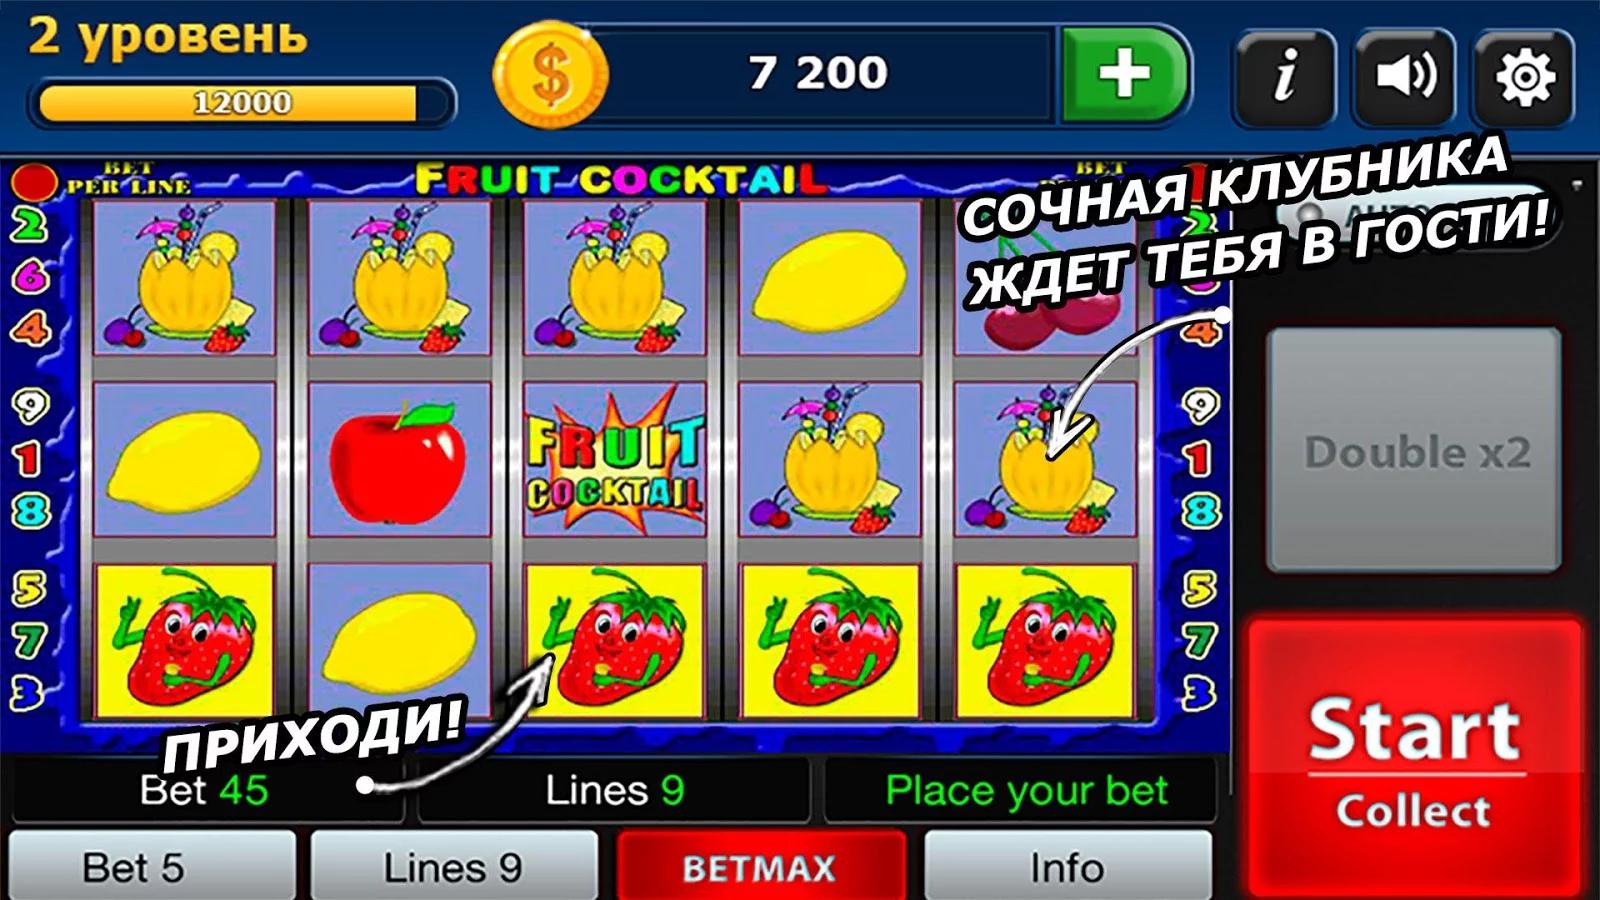 Азартные java игры для смартфонов скачать азартные игры игральный автомат